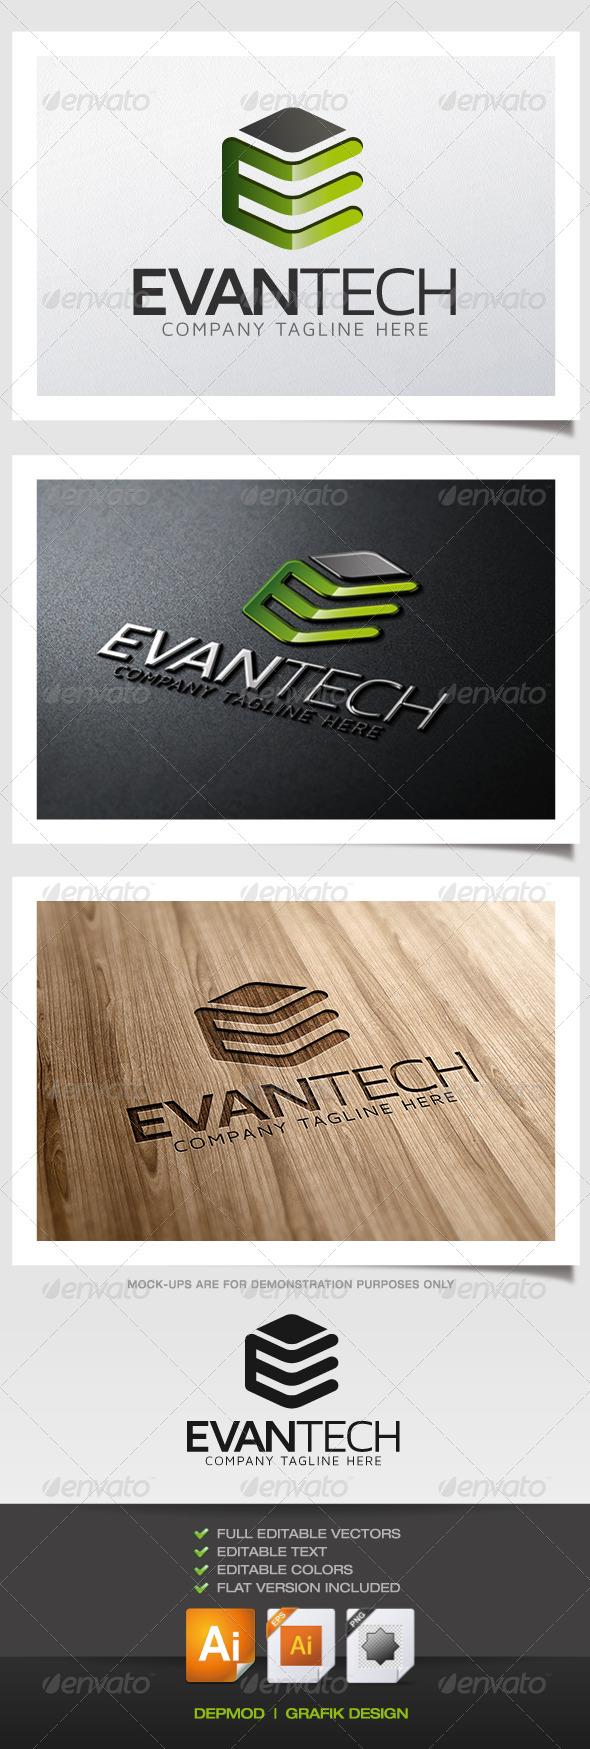 Evan Tech Logo